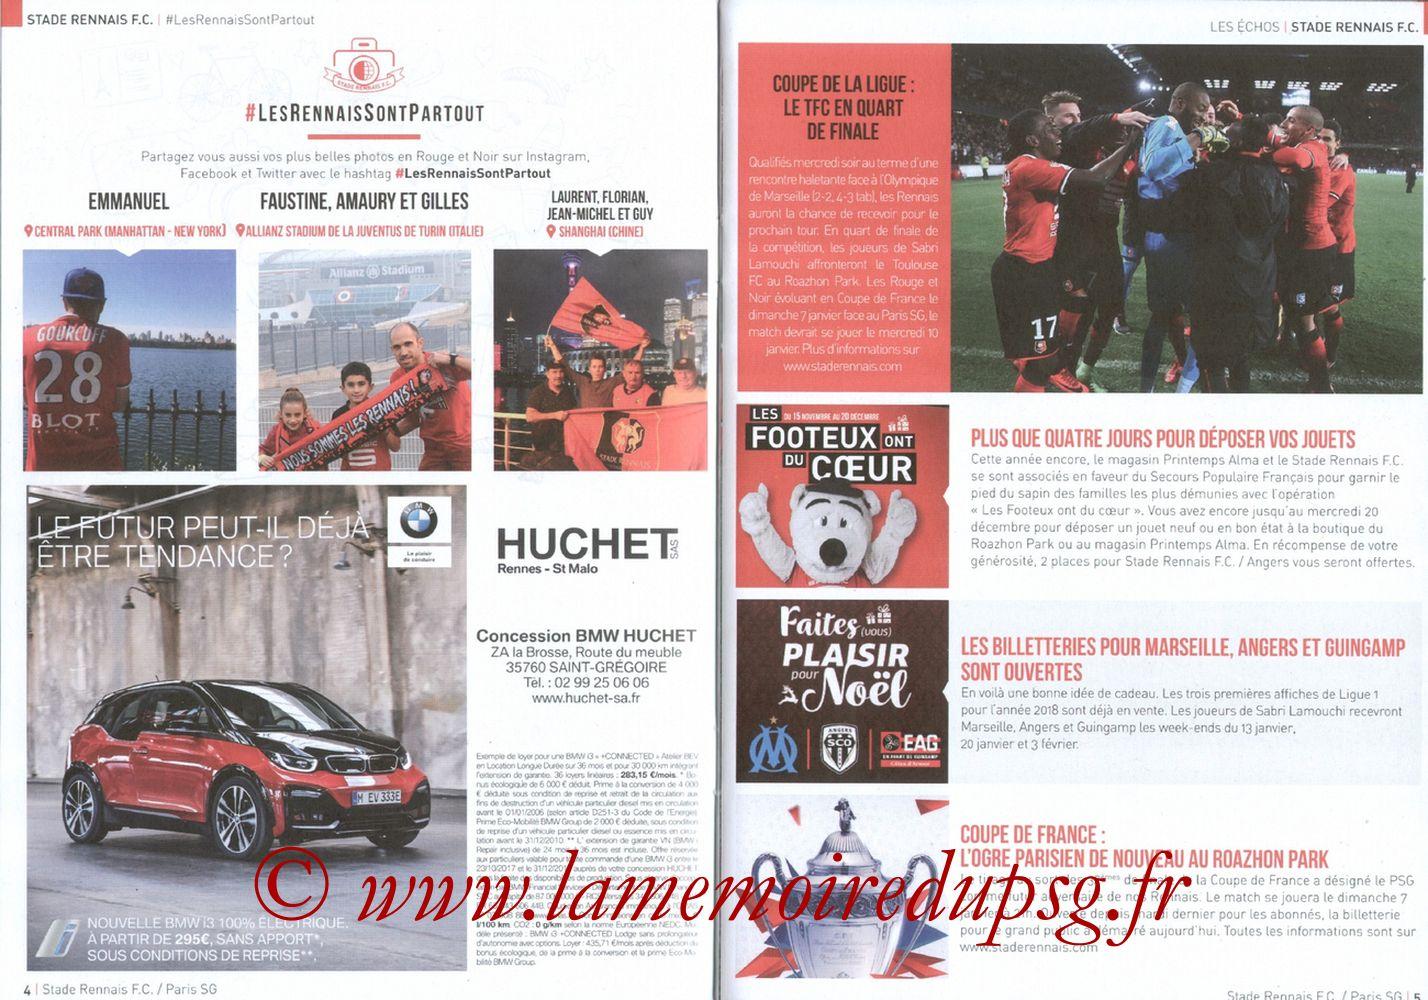 2017-12-16  Rennes-PSG (18ème L1, Le Programme de match) - Pages 04 et 05